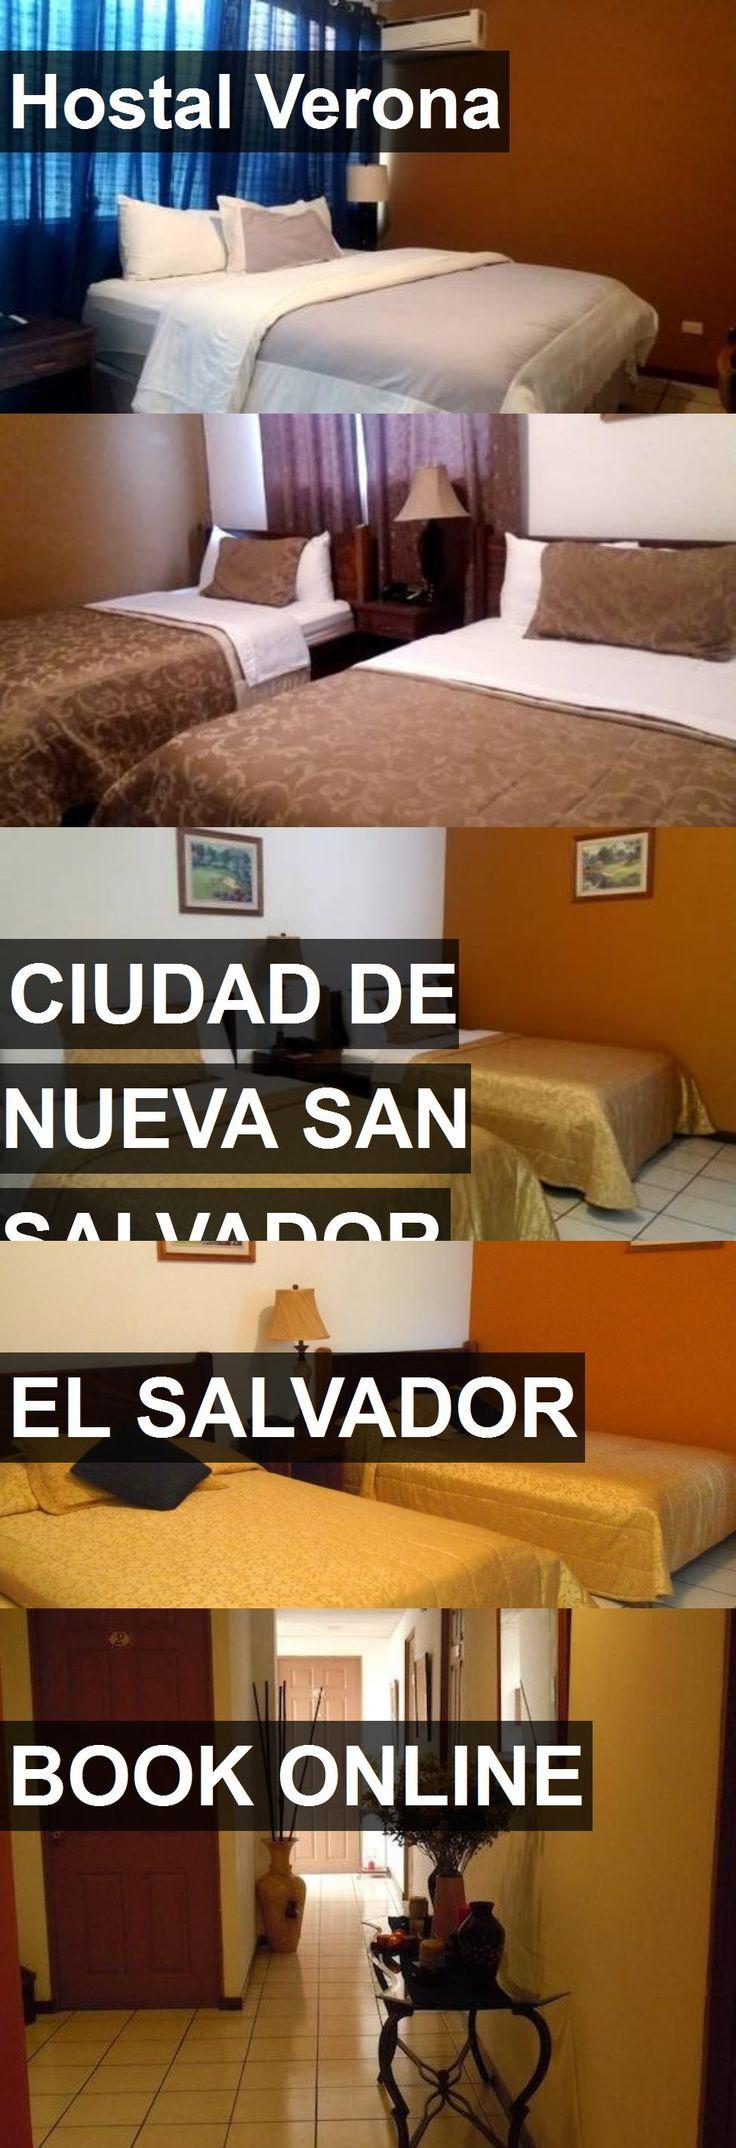 Hotel Hostal Verona in Ciudad de Nueva San Salvador, El Salvador. For more information, photos, reviews and best prices please follow the link. #ElSalvador #CiudaddeNuevaSanSalvador #HostalVerona #hotel #travel #vacation